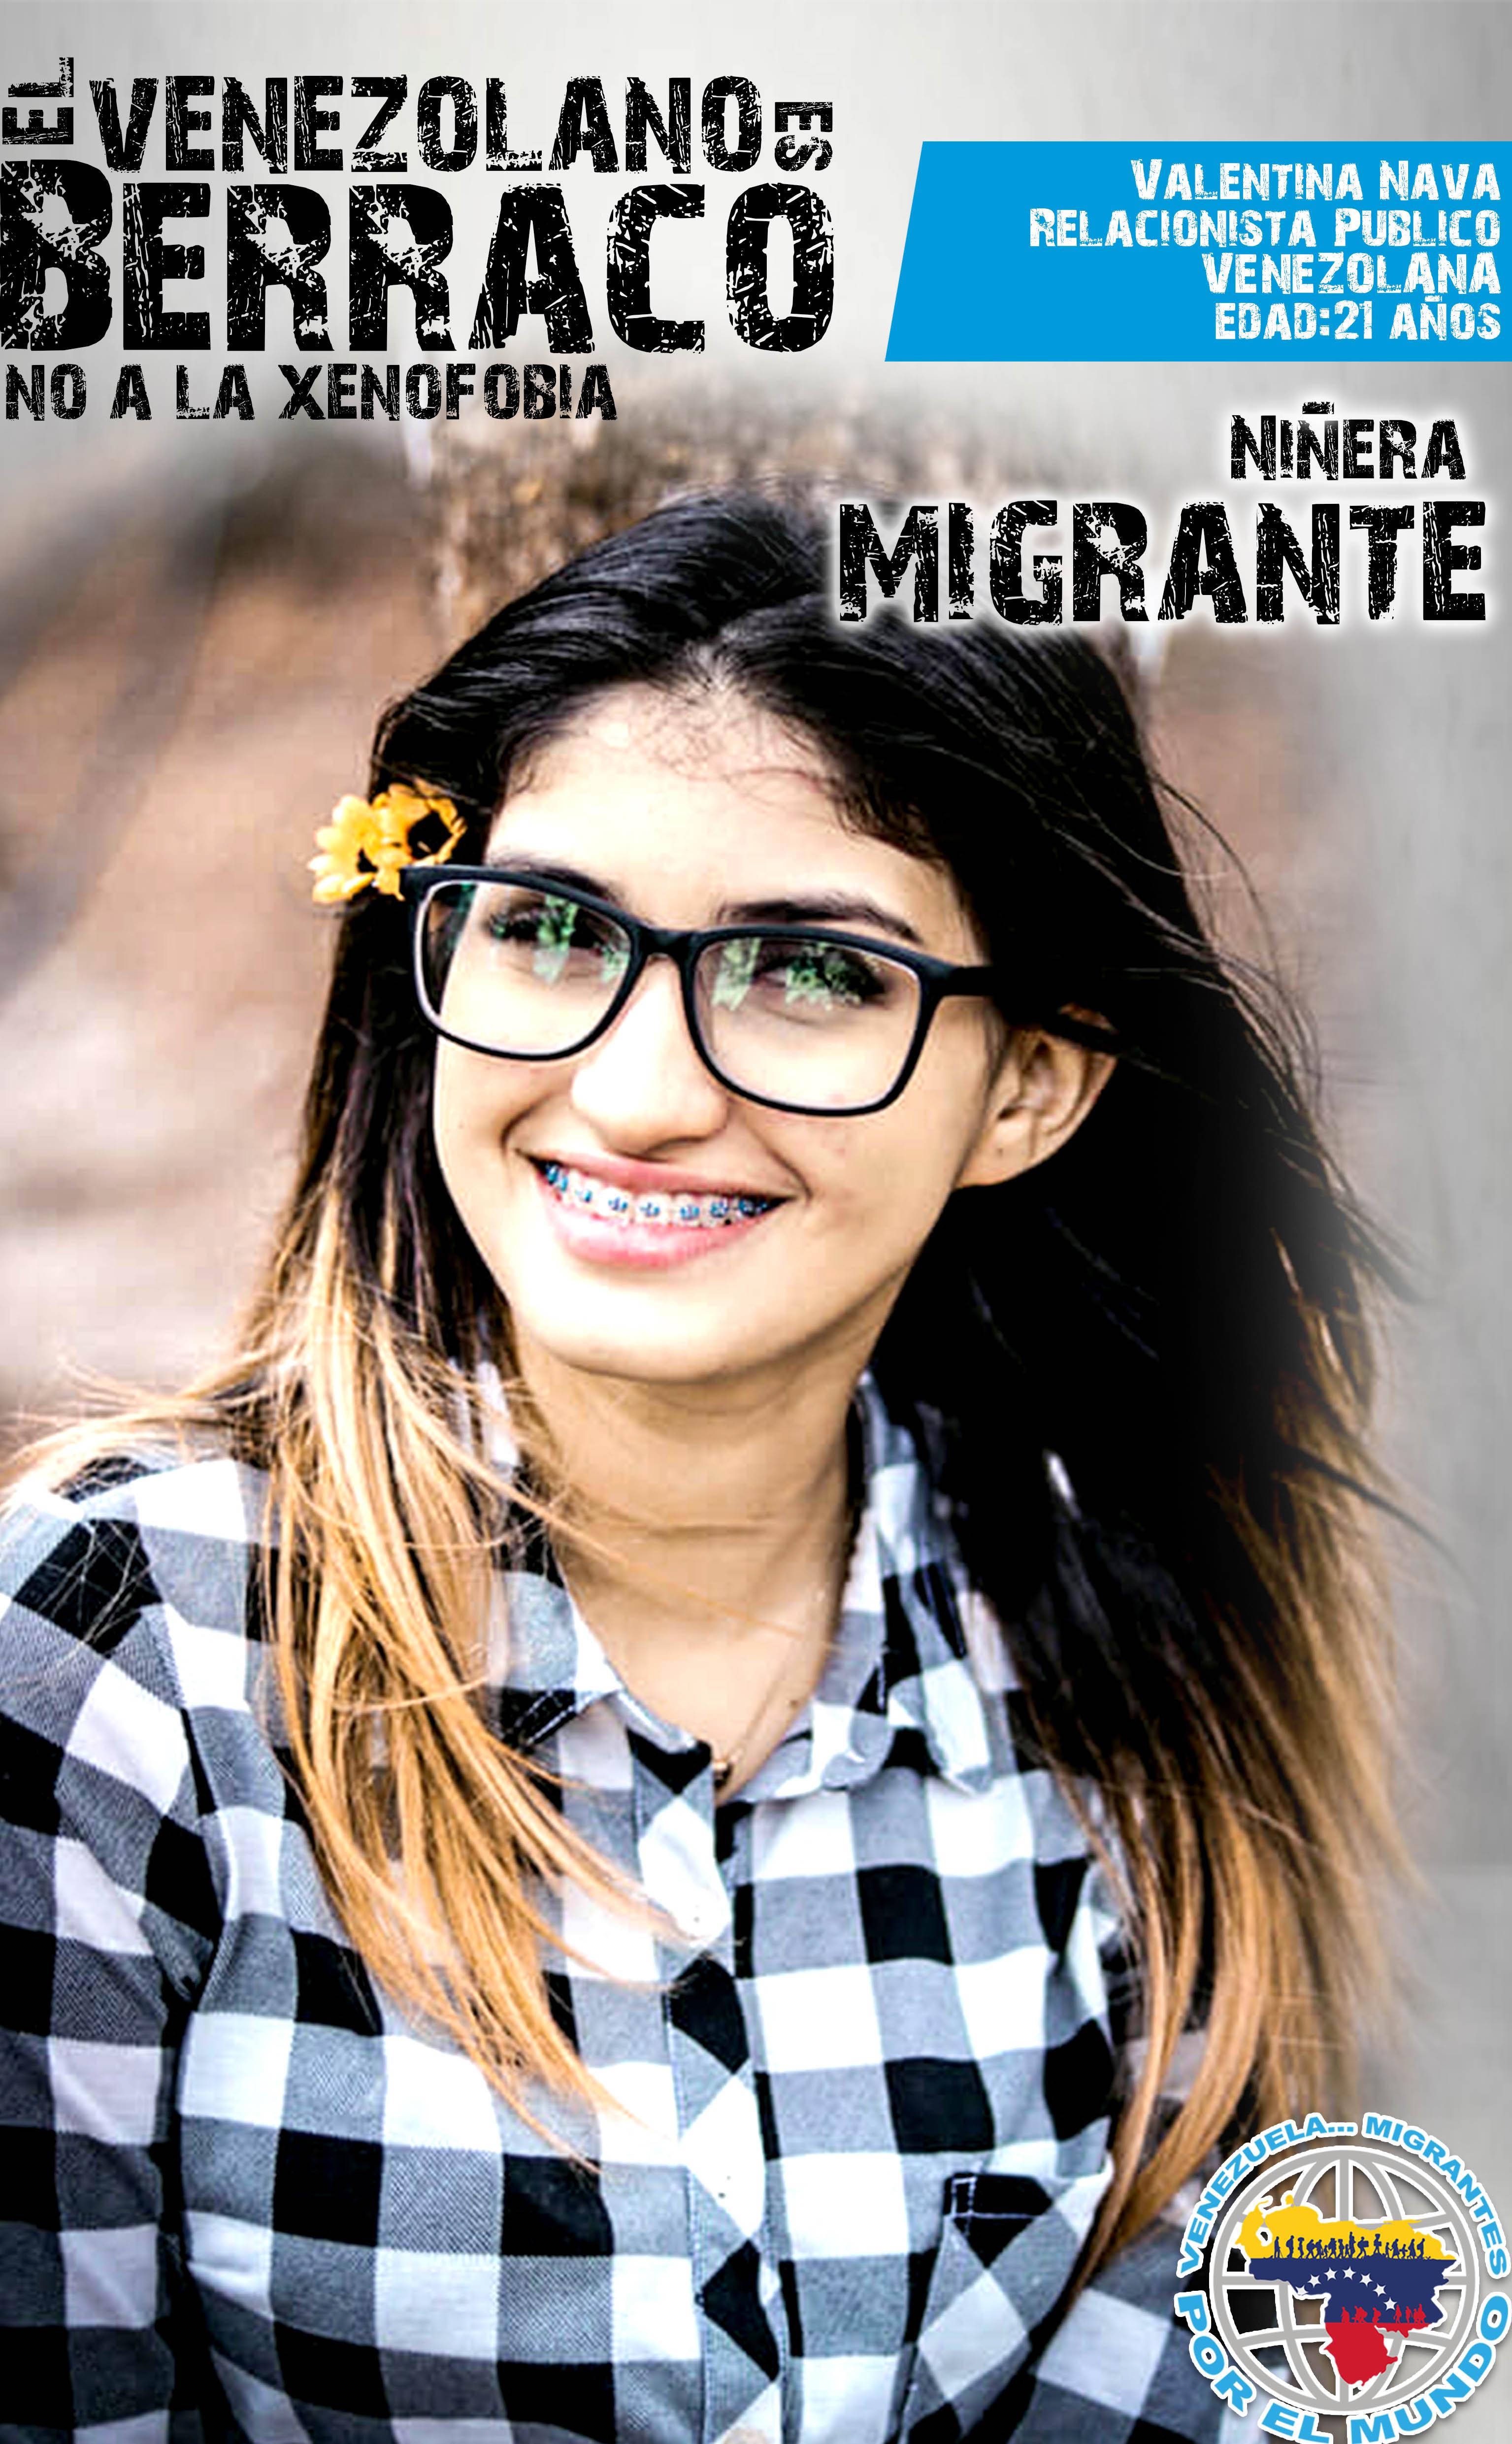 Valentina es una migrante trabajando en Colombia.